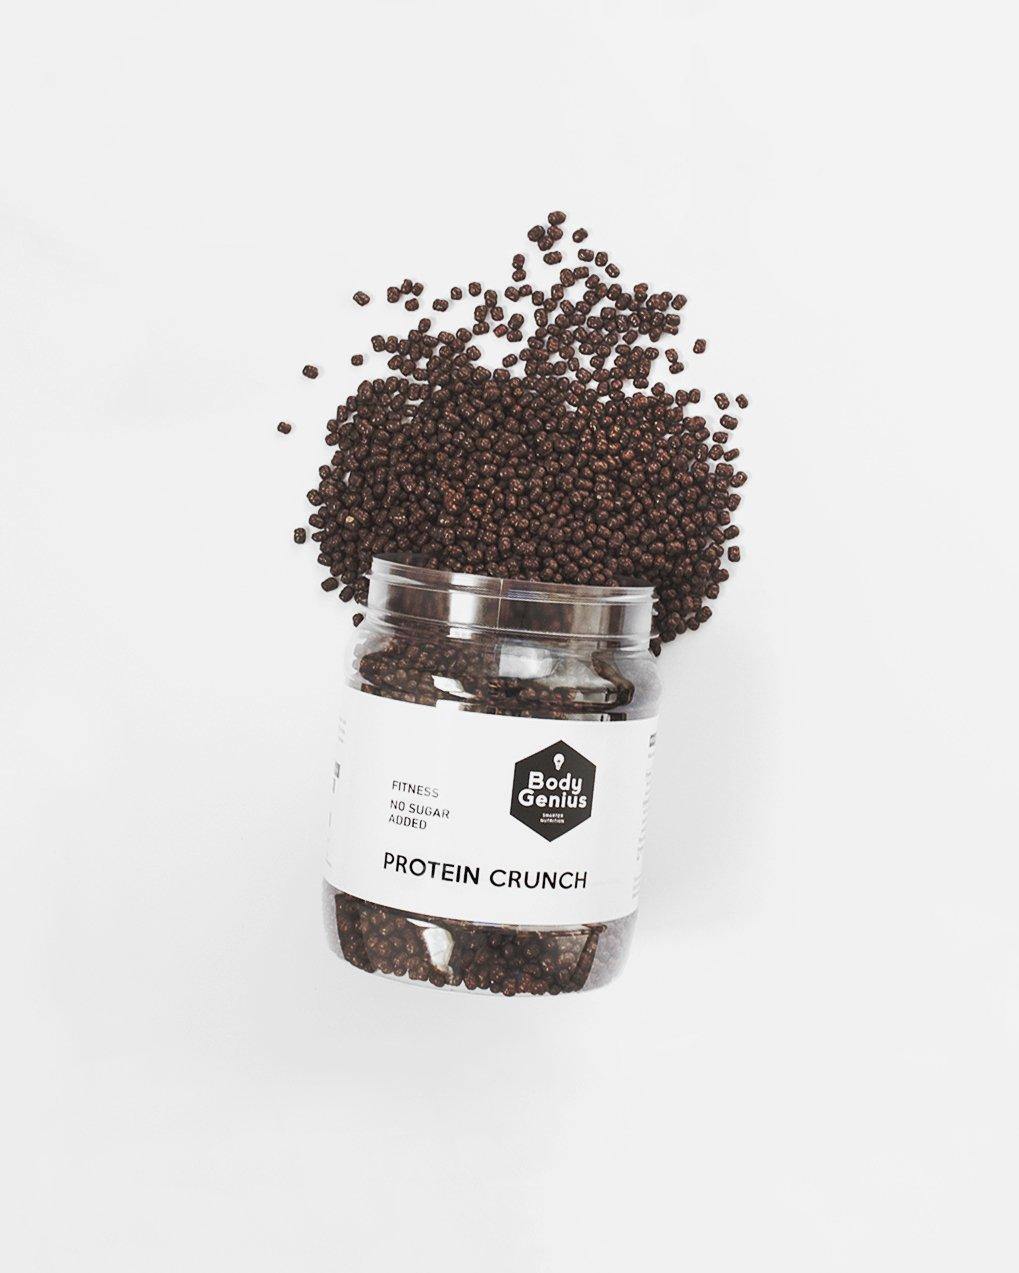 Body Genius PROTEIN CRUNCH (Chocolate Negro). Bolitas de proteína recubiertas de chocolate negro sin azúcar. 500 gr: Amazon.es: Alimentación y bebidas